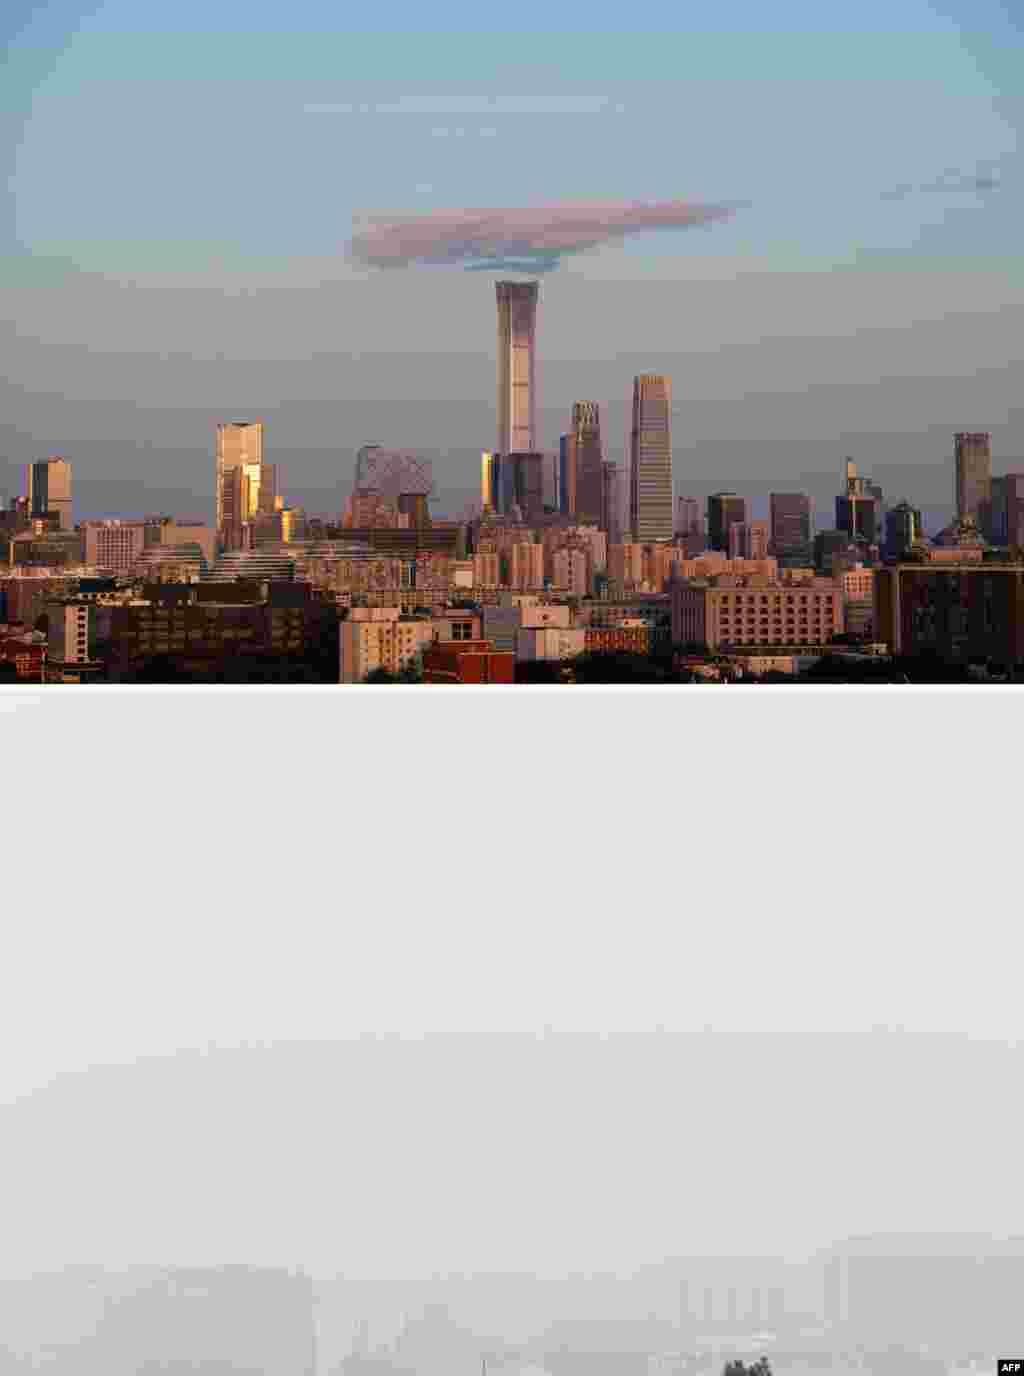 上图:2018年9月6日在北京景山公园拍摄的北京中央商务区。下图:在空气污染严重的2018年10月15日拍摄的同一场景,只在底部能依稀看到楼影。